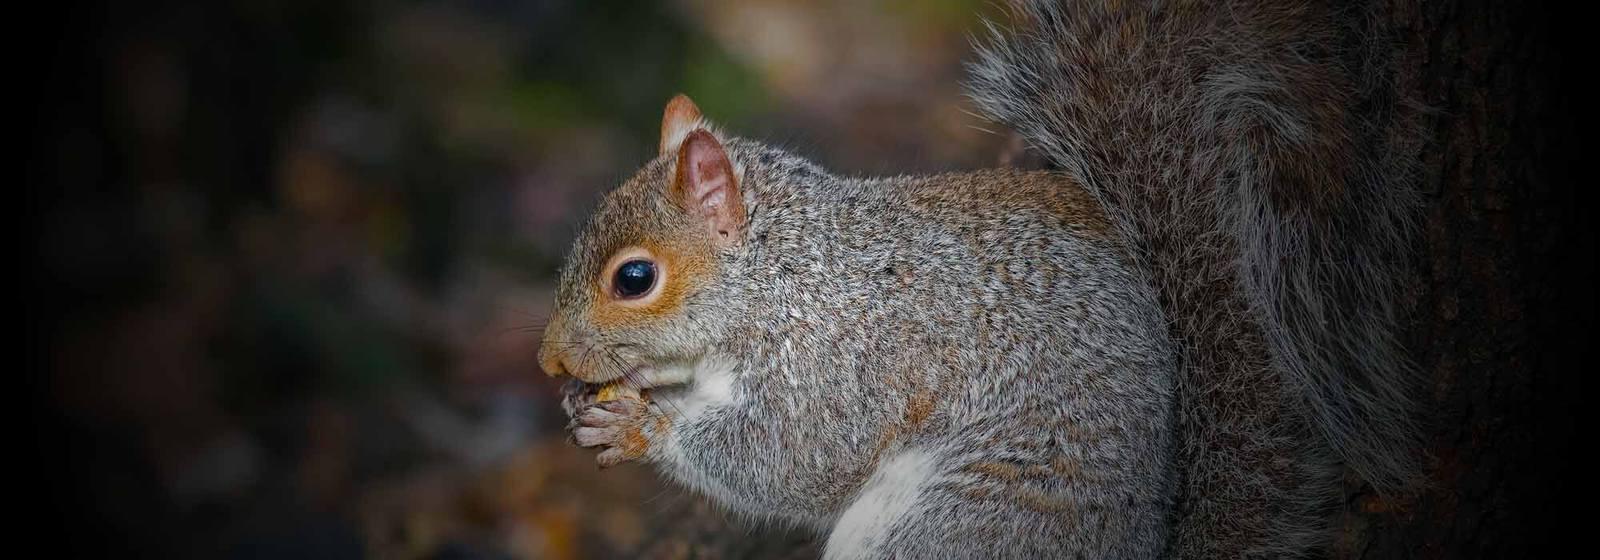 Squirrel Pest Control in Essex & Suffolk